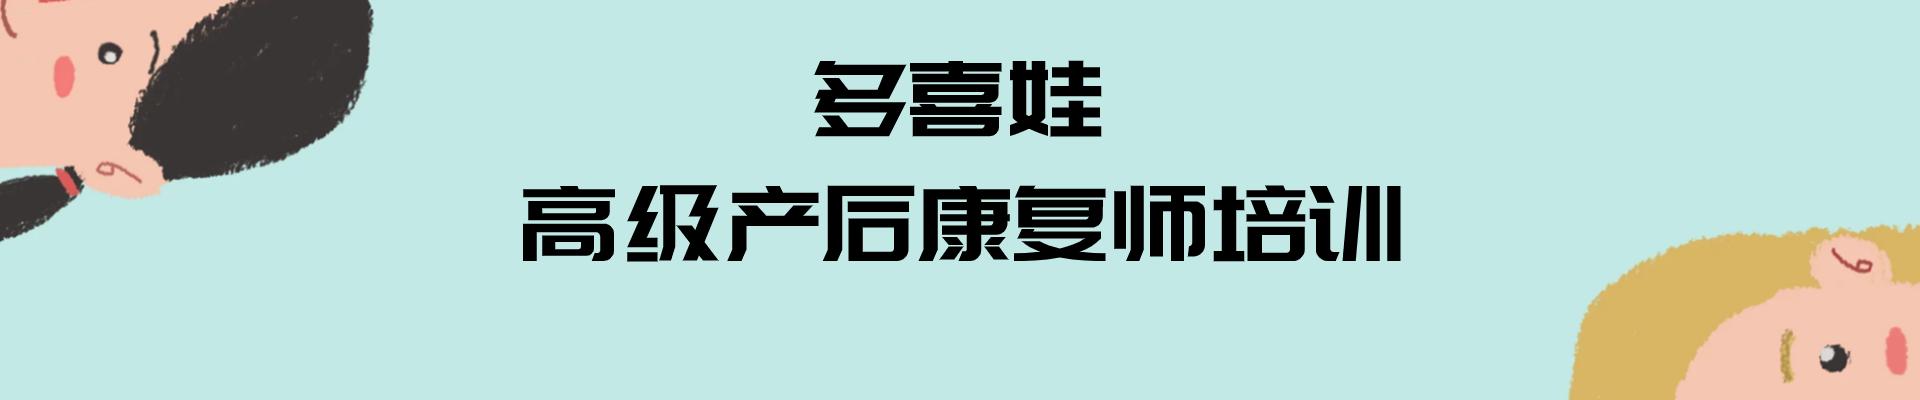 深圳上步中路多喜娃母婴职业培训学校